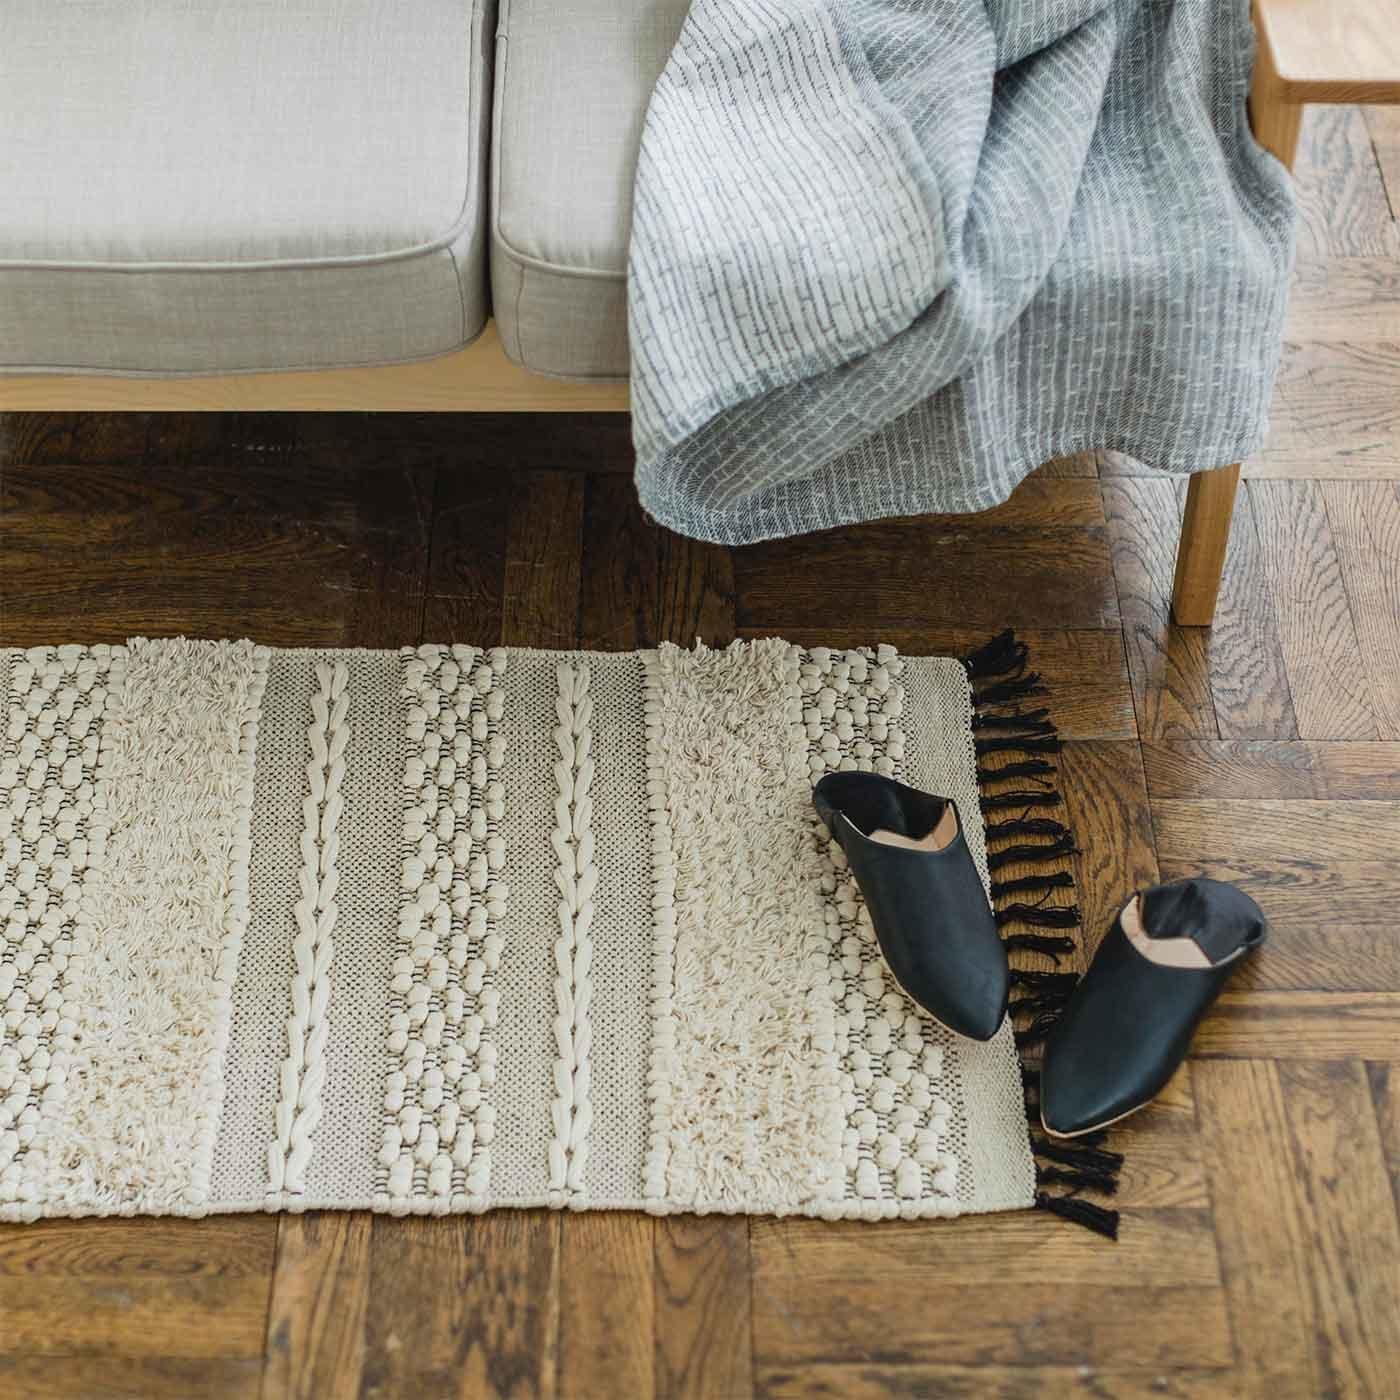 手織りならではのポコポコした表情 素足でも心地よいコットンマット